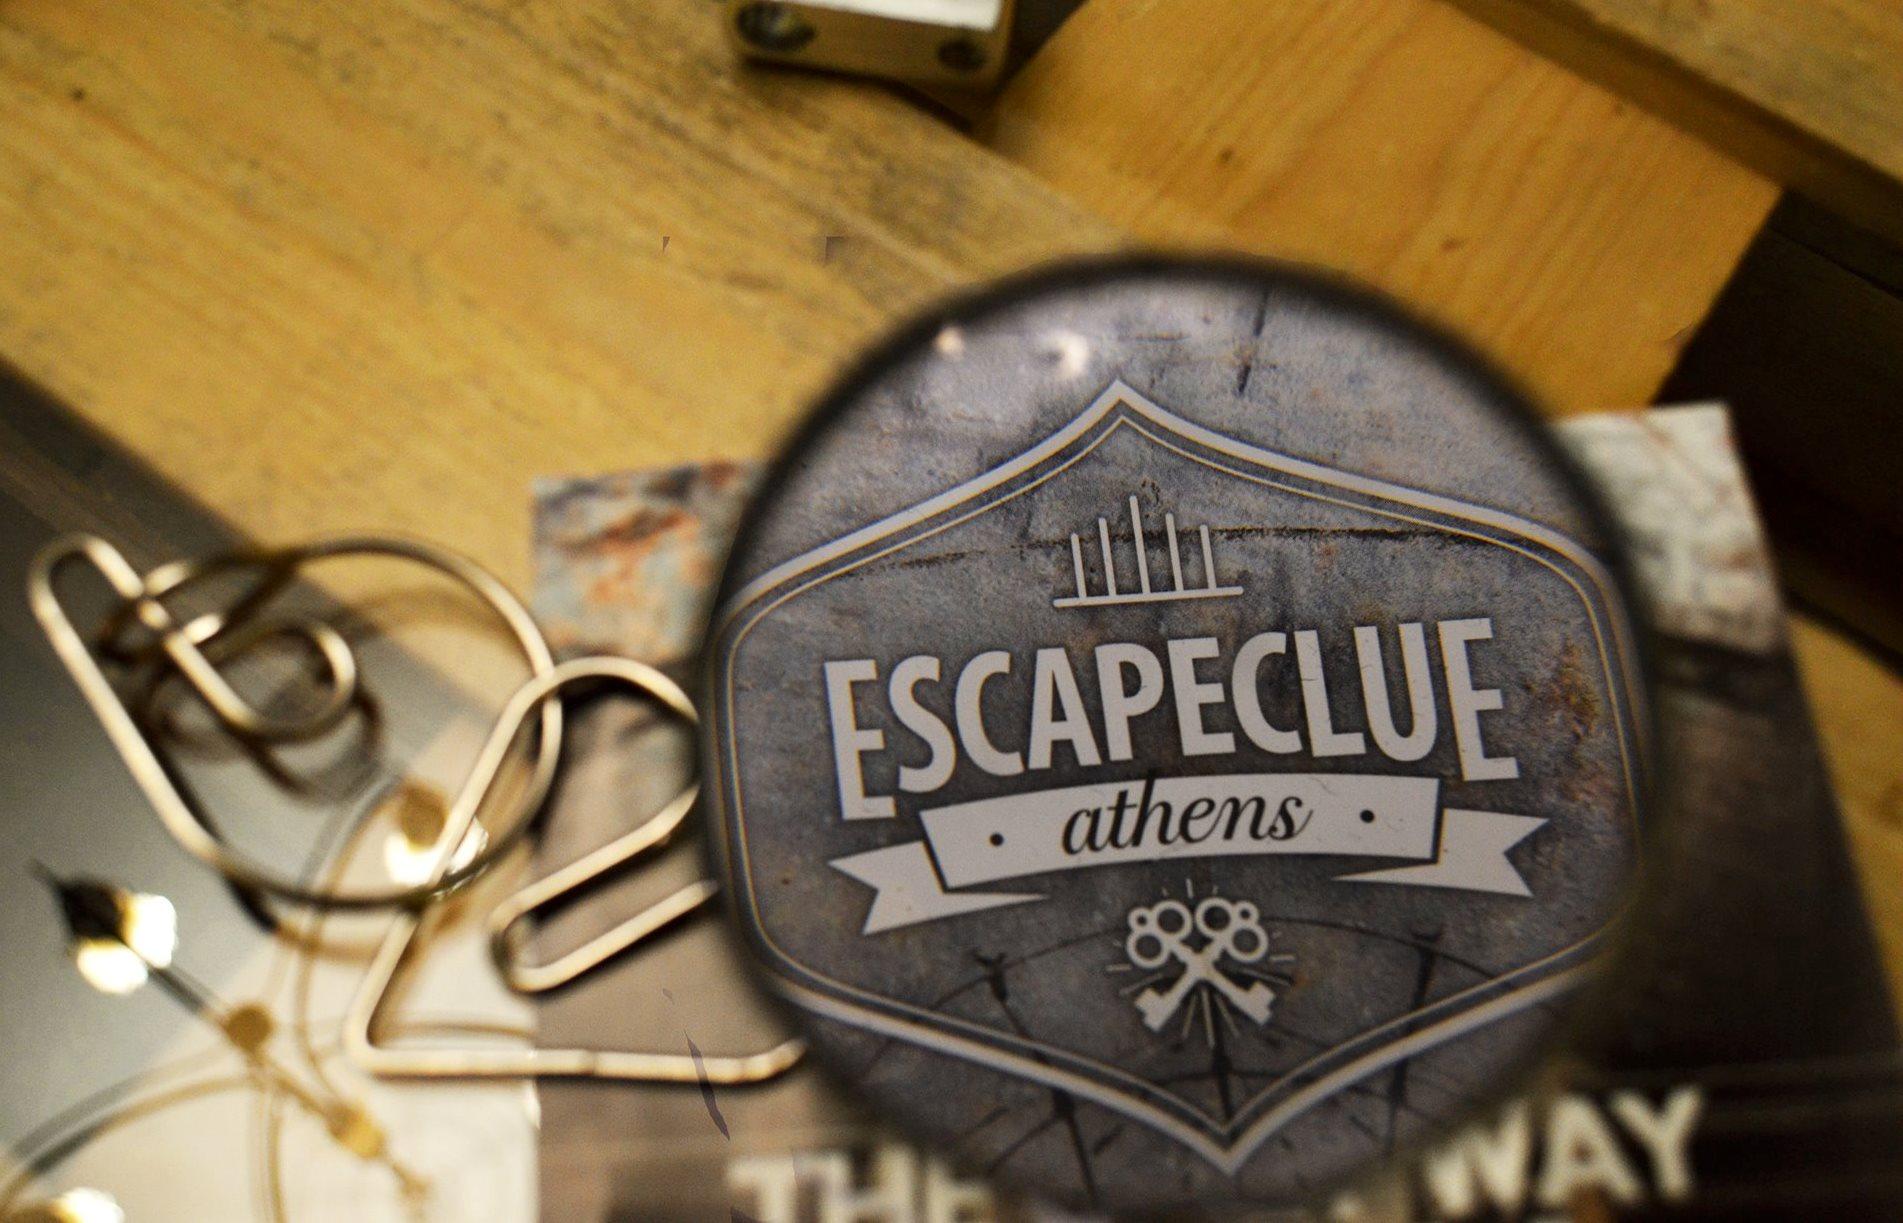 7,5€ από 14€ για να παίξετε με την παρέα σας στα Δωμάτια Απόδρασης του ''Escape Clue'' στο Περιστέρι, ένα από τα μεγαλύτερα Escape Rooms της πόλης εικόνα